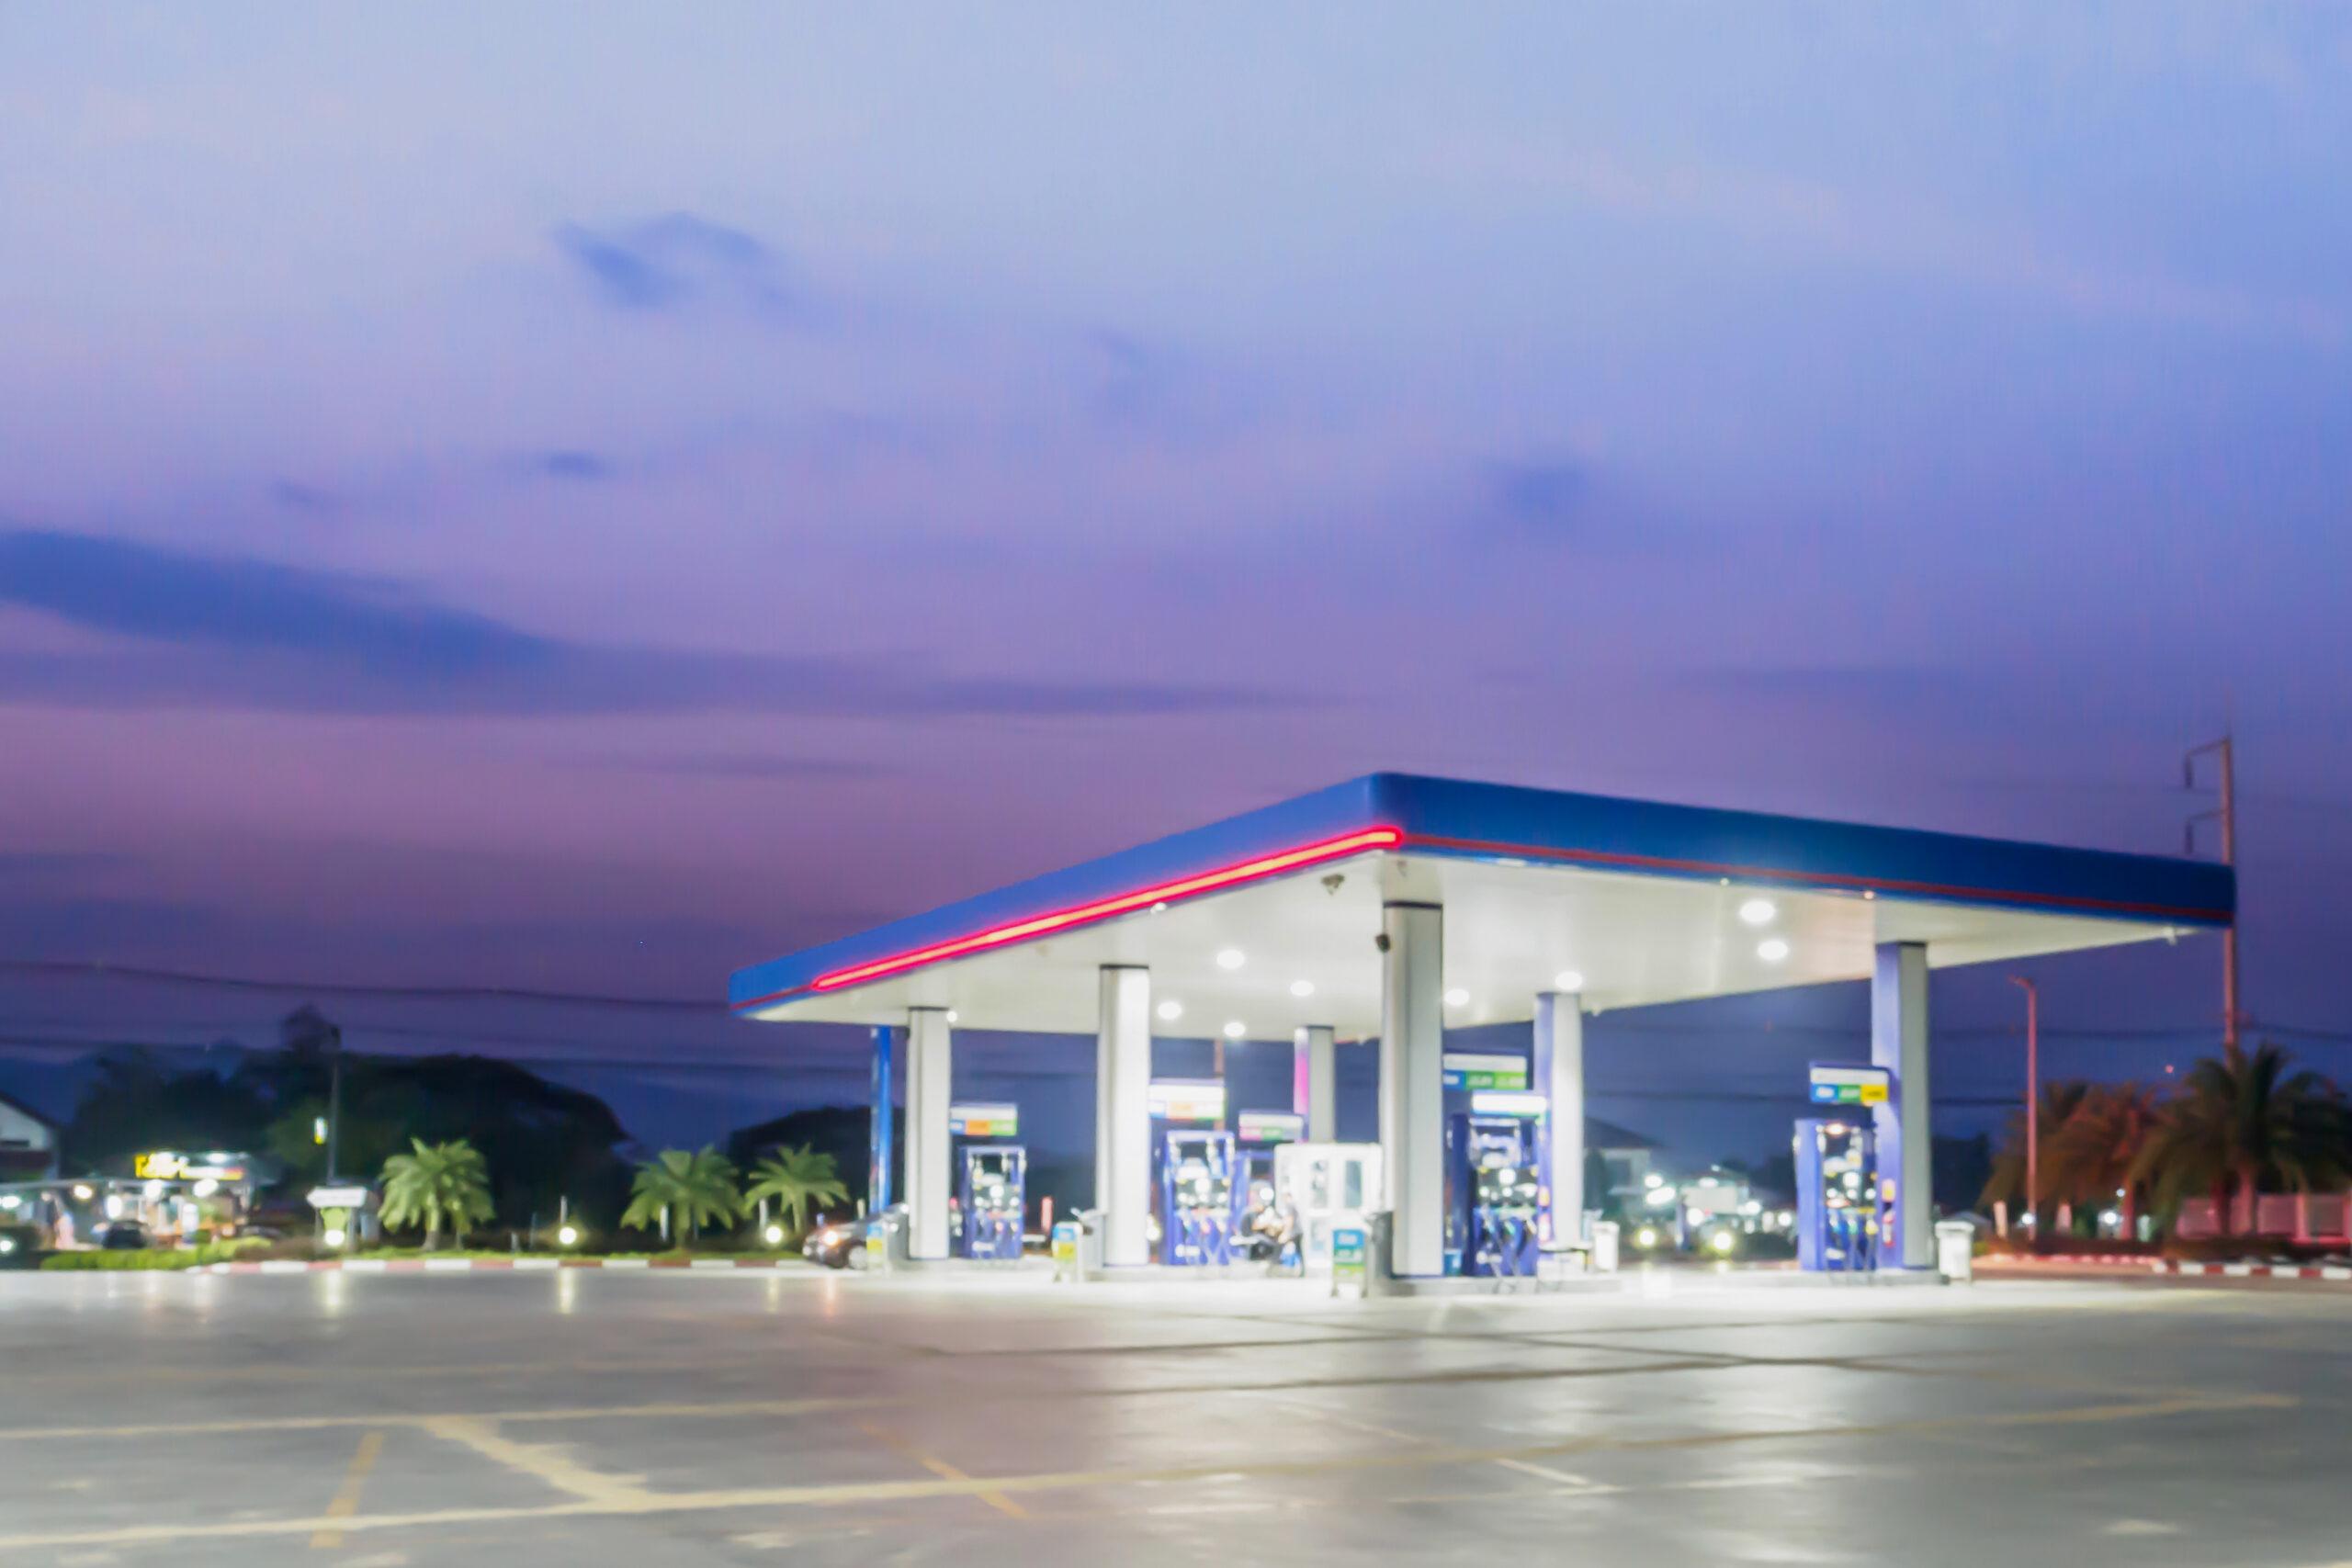 Vale a pena abrir um posto de gasolina para cobrir um mercado necessário e promissor